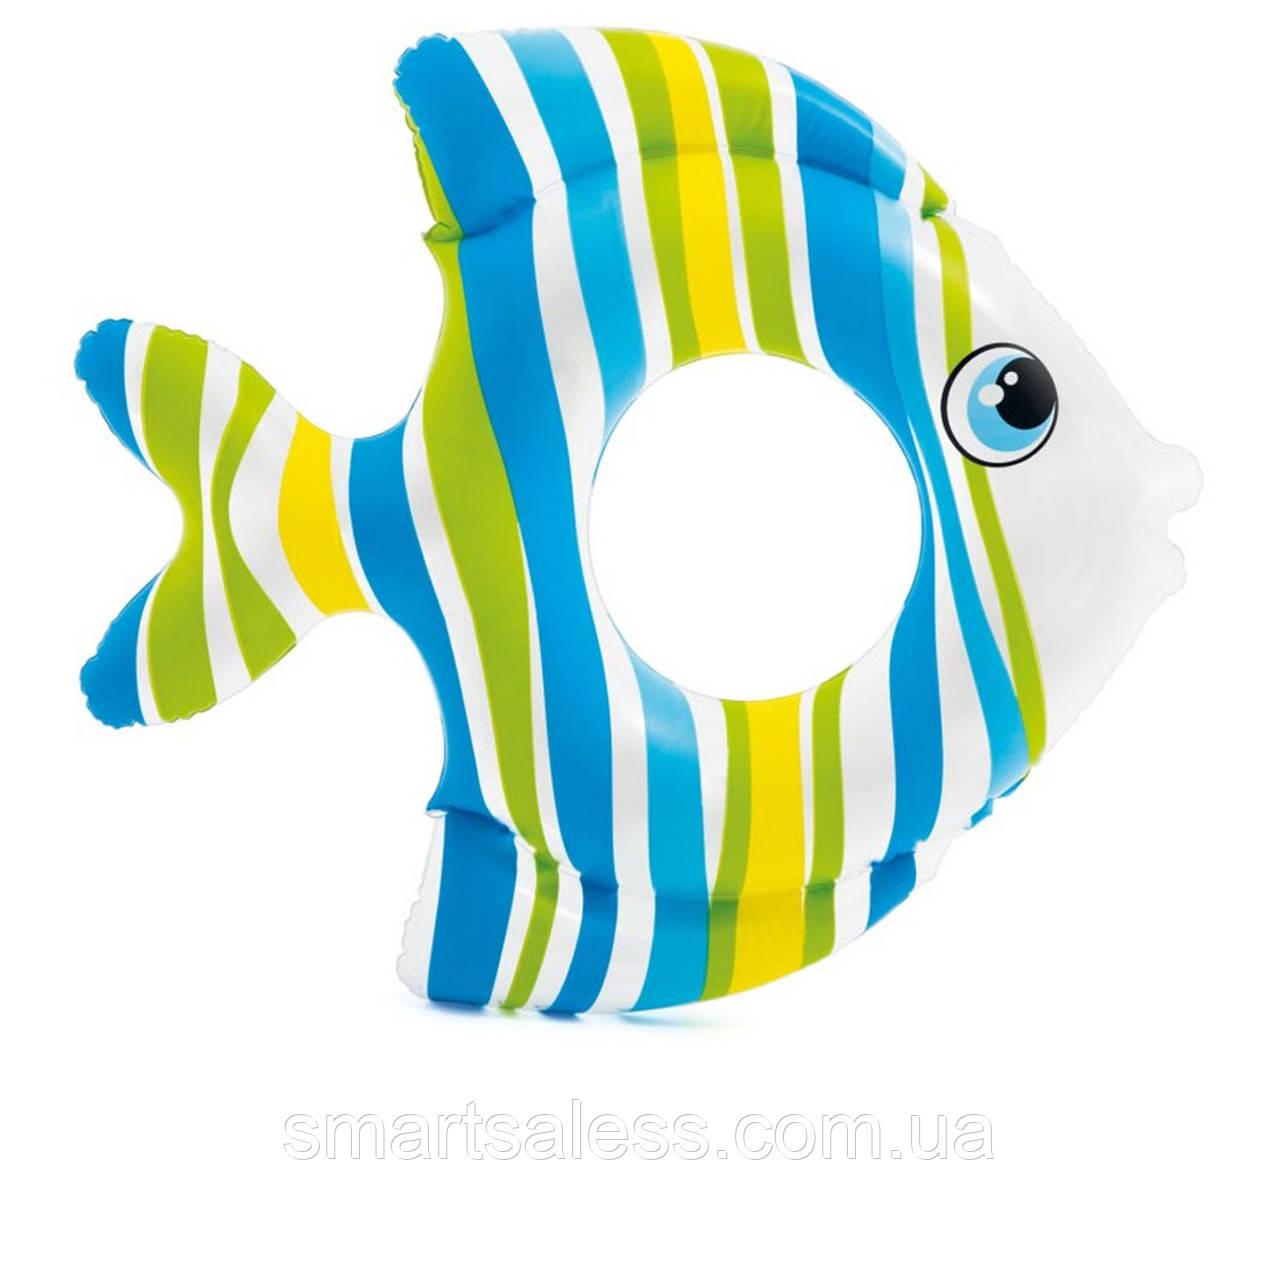 Надувной круг Intex 59223 «Рыбка», 83 х 81 см, голубой